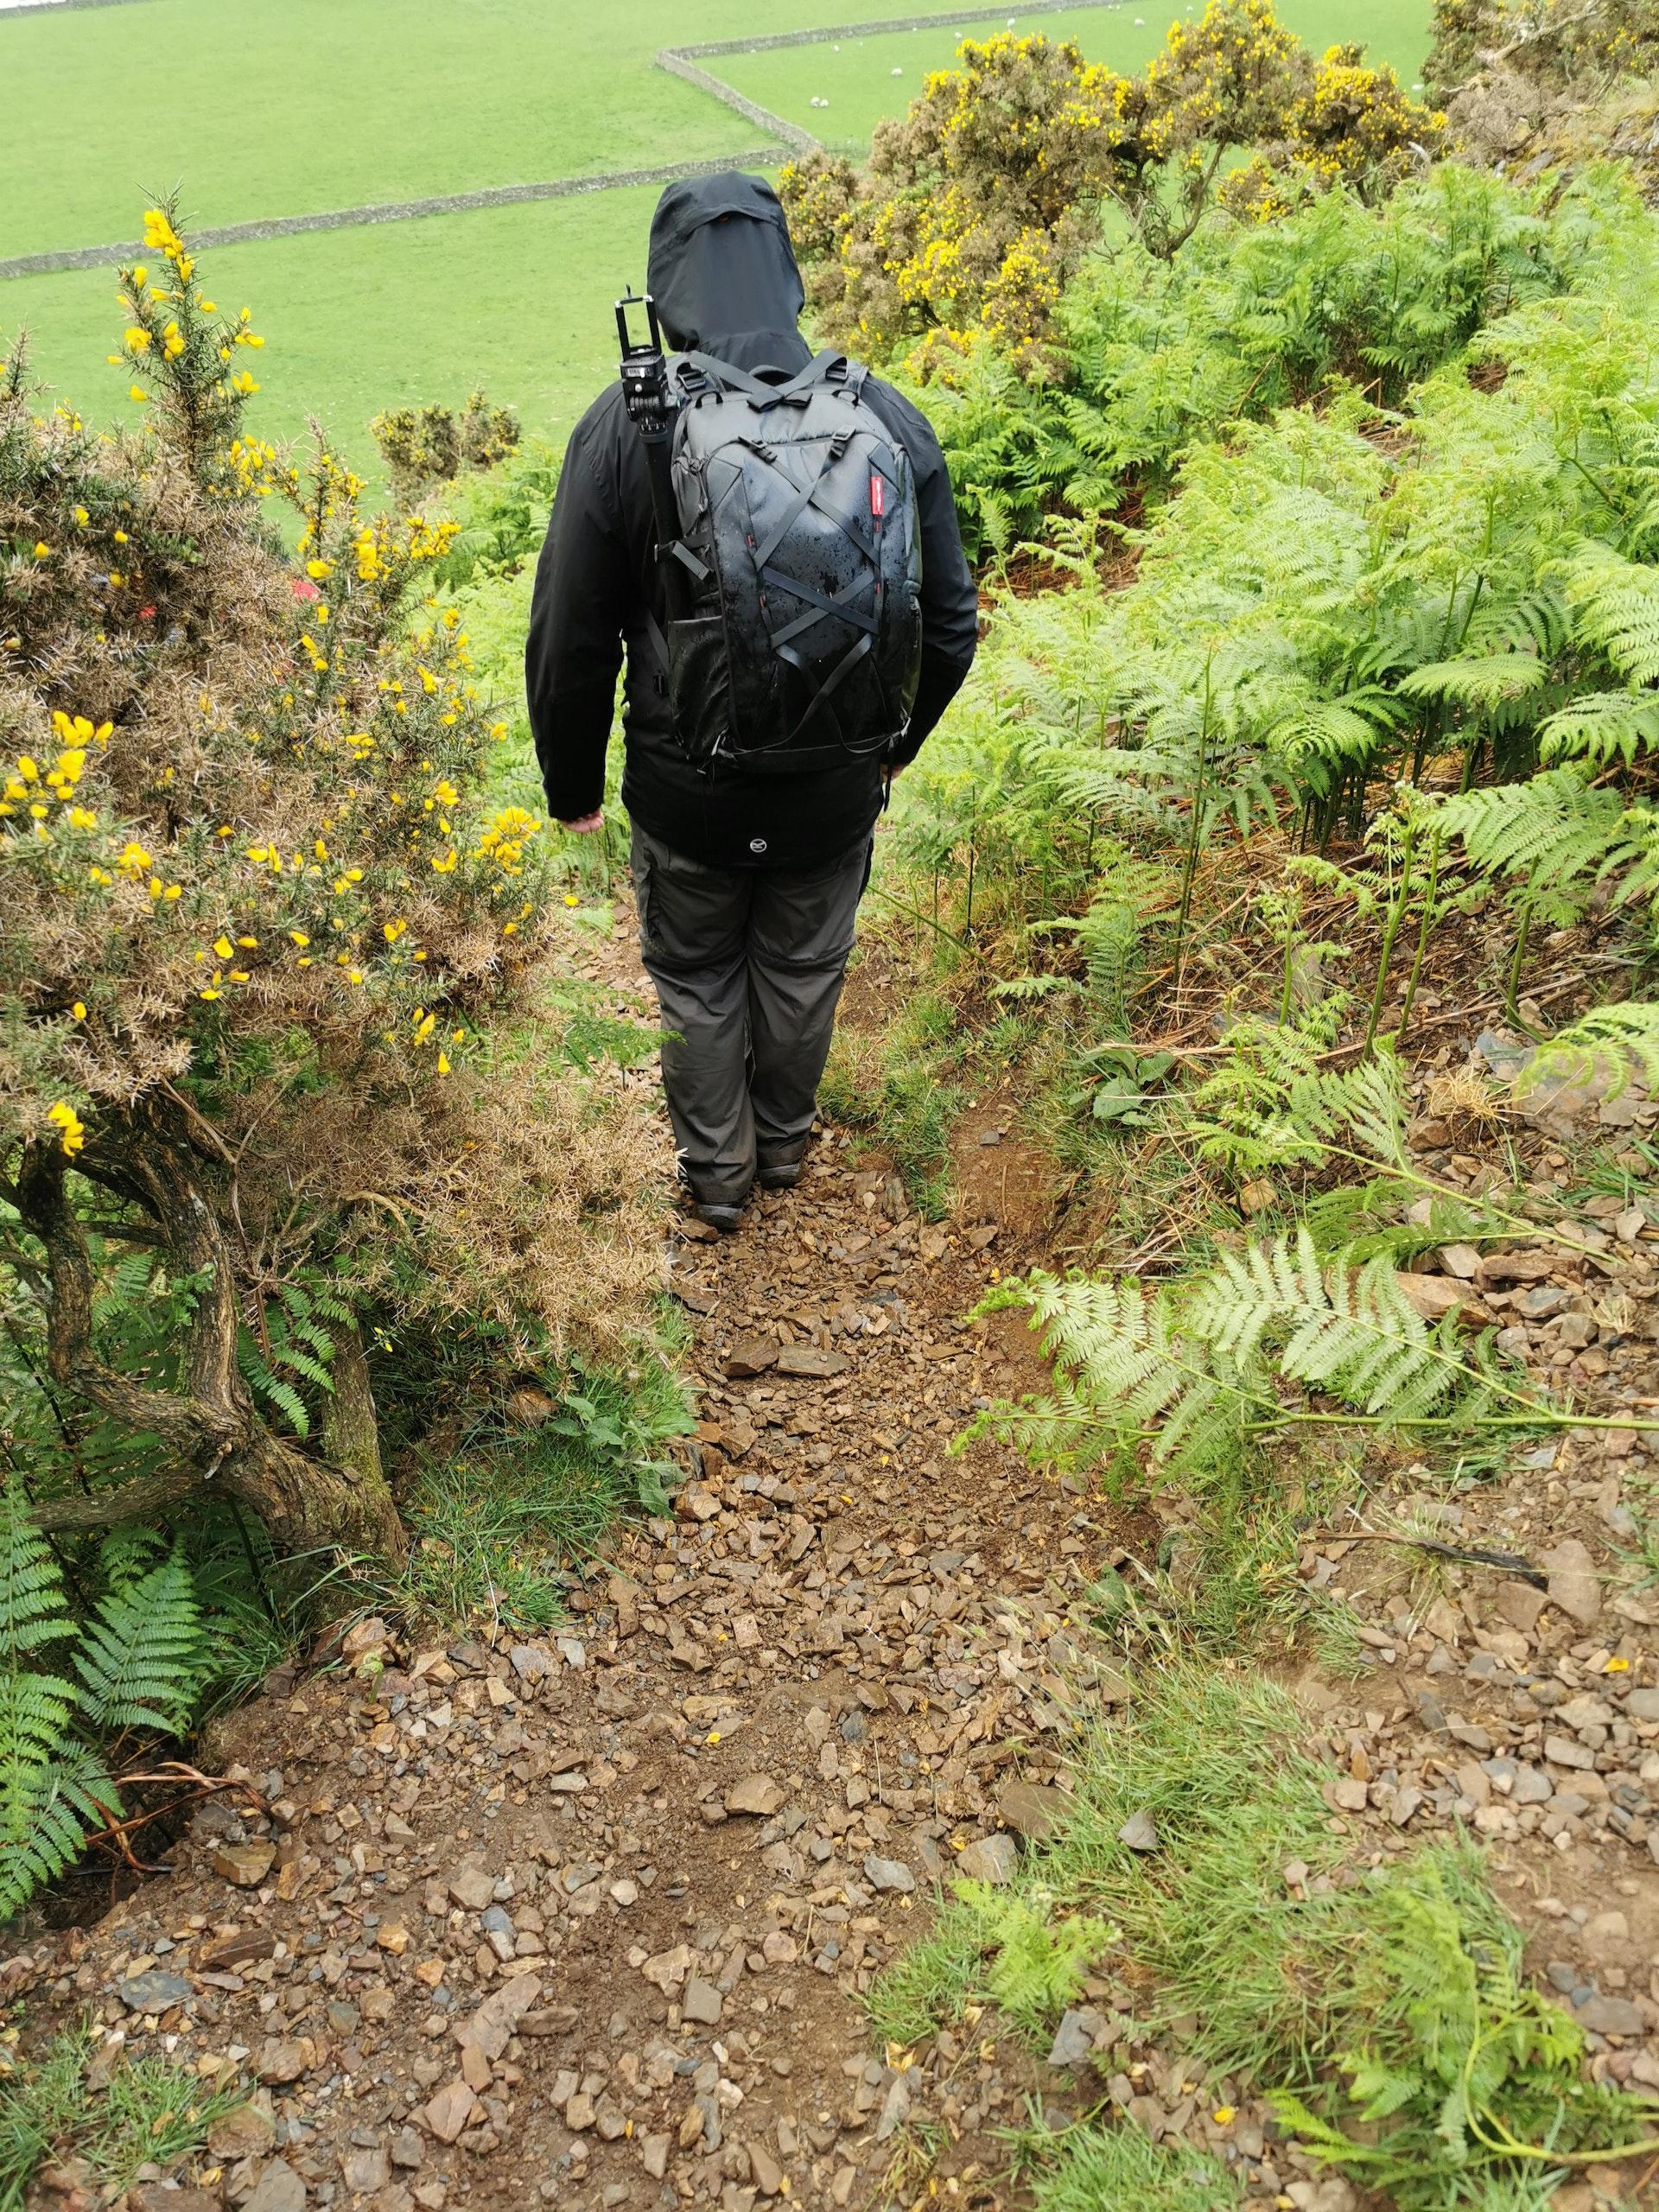 Descent into Mungrisdale